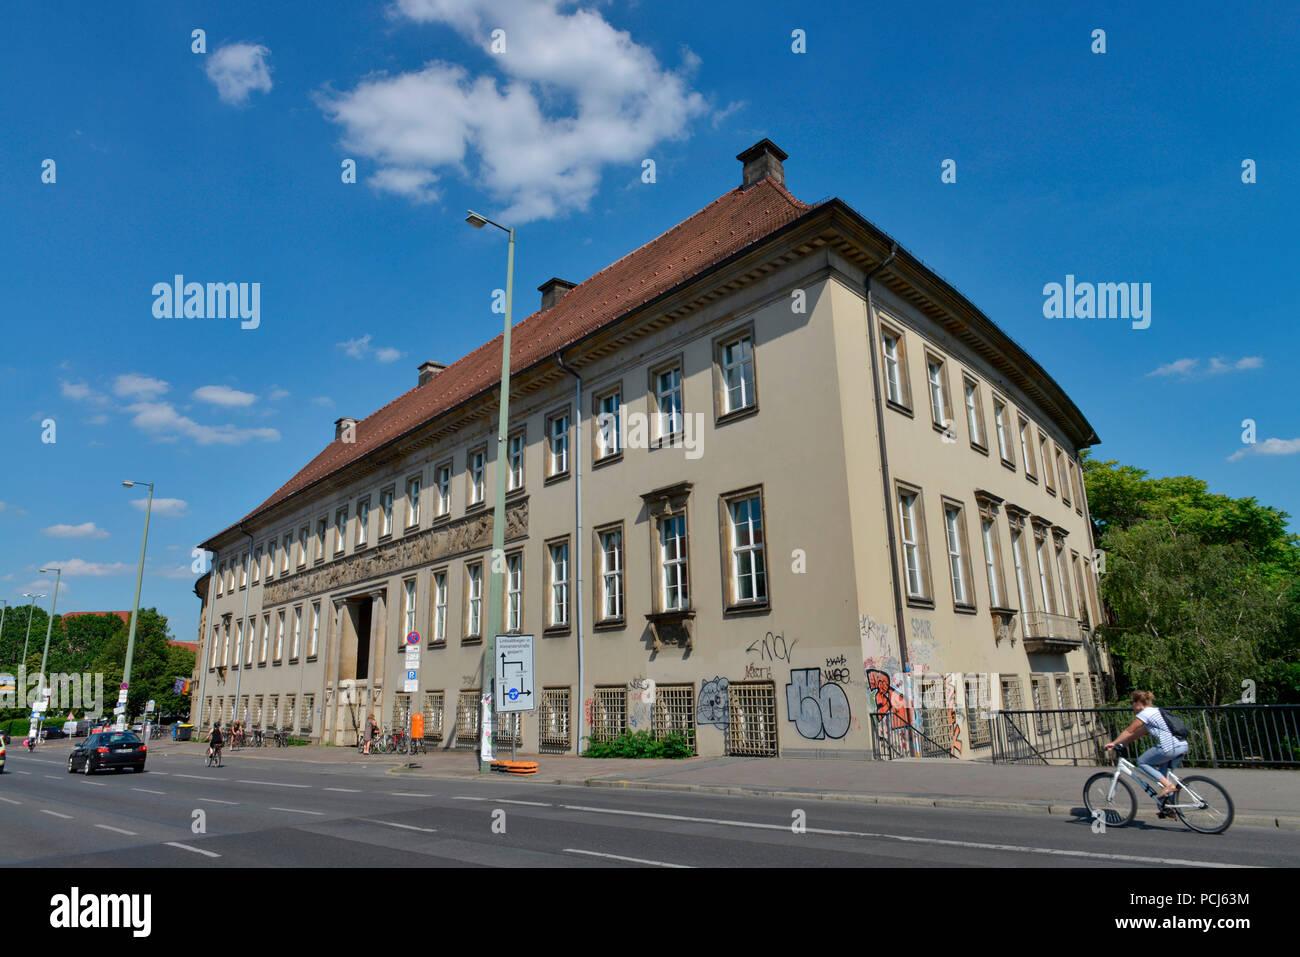 Alte Muenze Muehlendamm Mitte Berlin Deutschland M³hlendamm